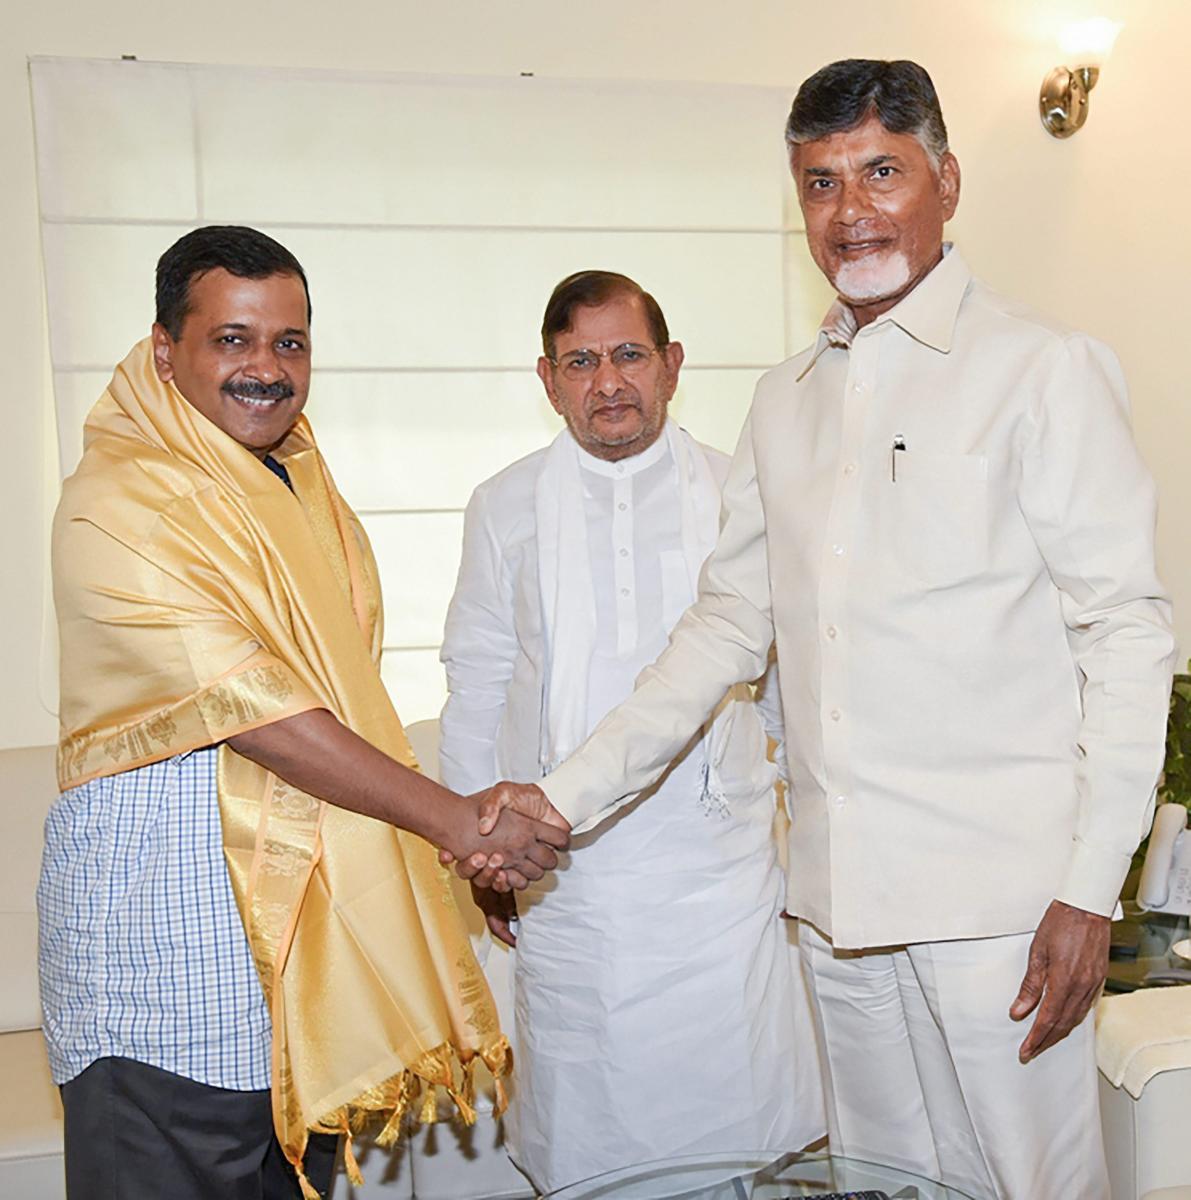 Chief Minister of Andhra Pradesh Nara Chandrababu Naidu greets his Delhi counterpart Arvind Kejriwal as Sharad Yadav looks on, in New Delhi, on Saturday. PTI